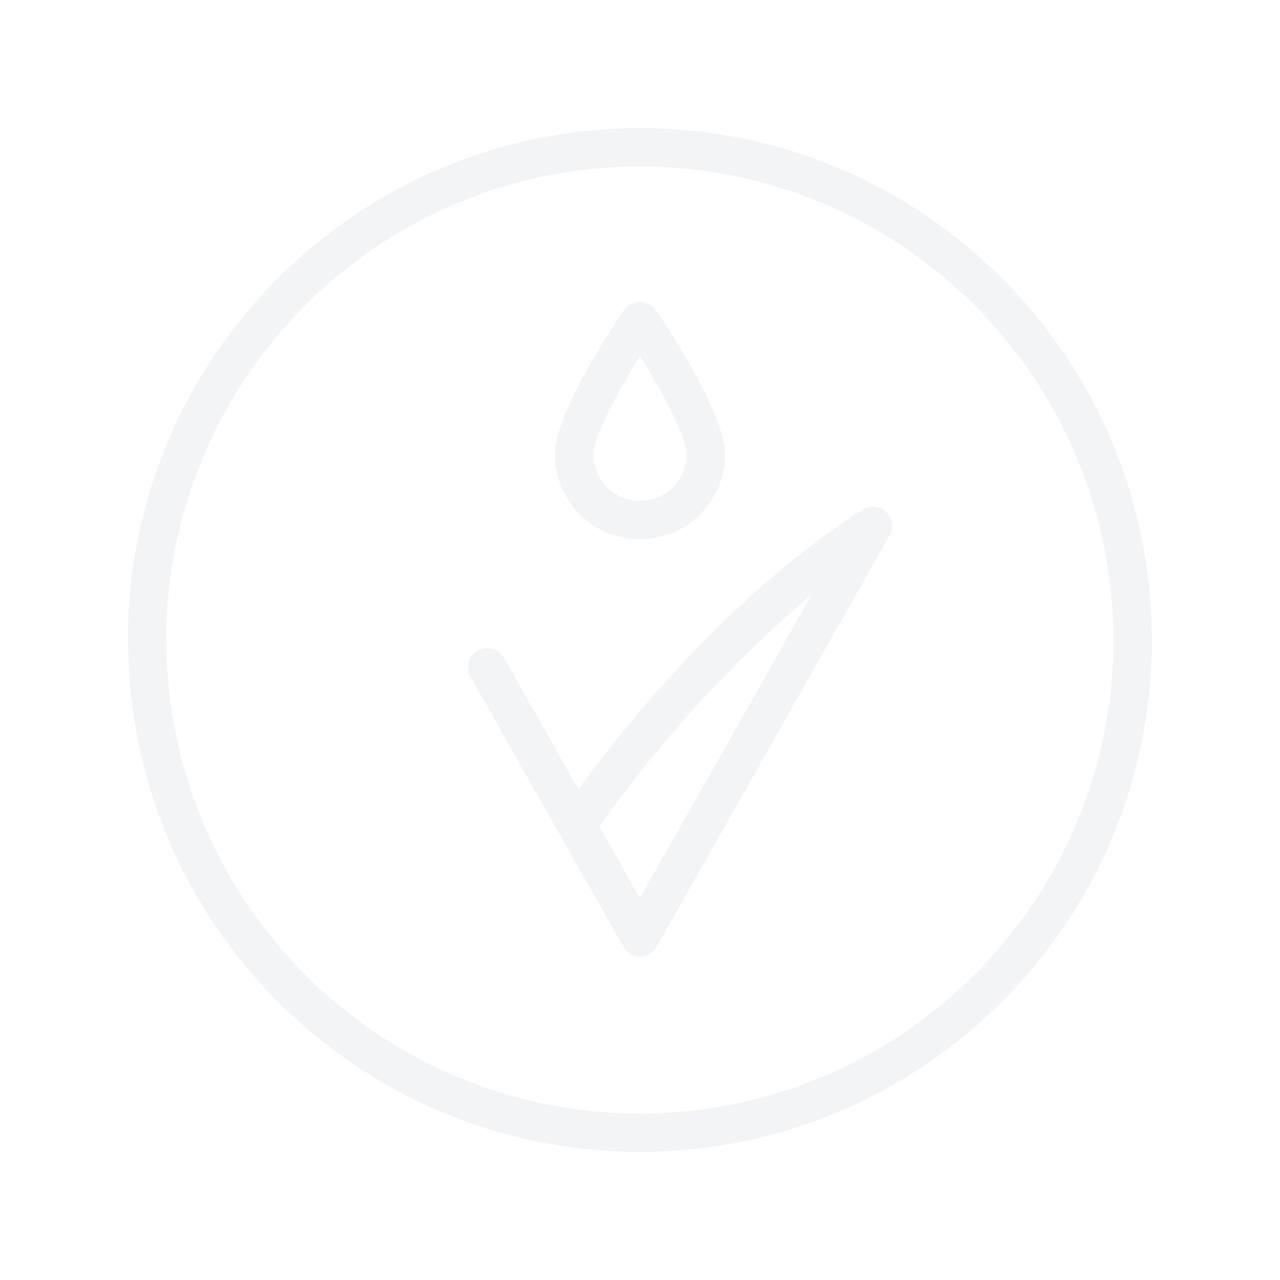 TAHE Micelar Shampoo 400ml